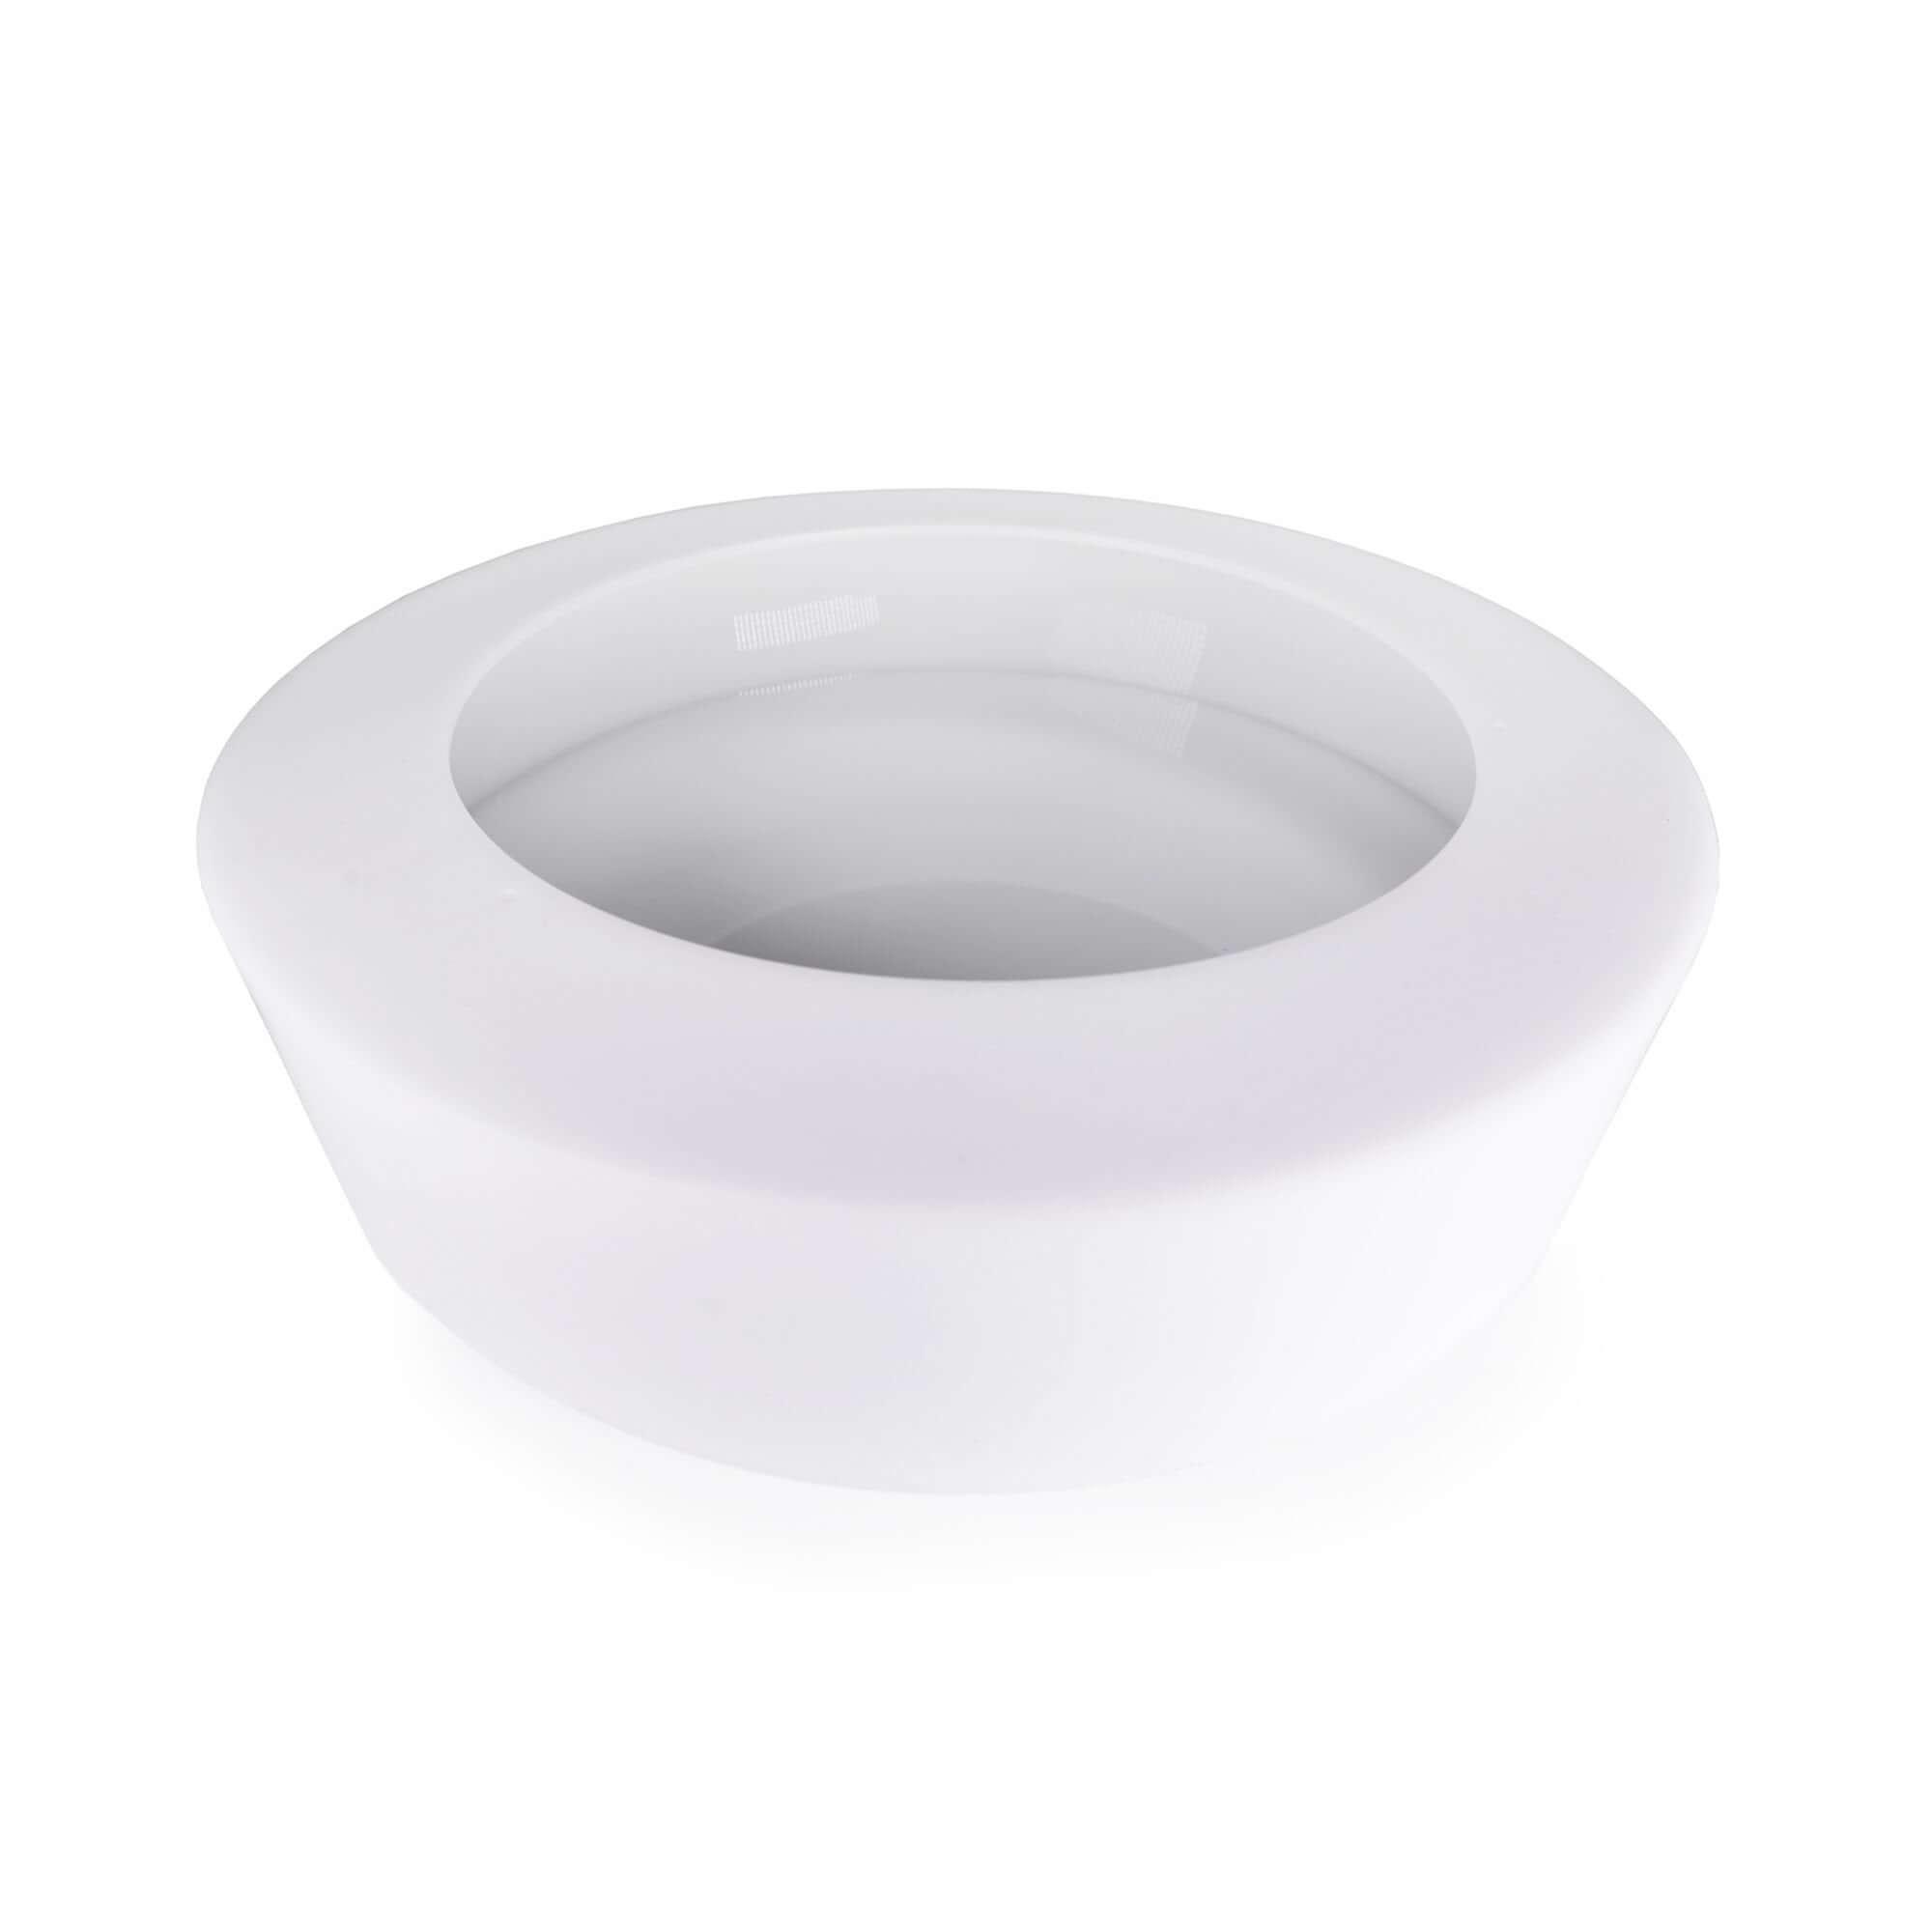 Acryline Leuchte aus Acrylglas beleuchtung technisch gefräst geklebt tiefgezogen acryl kunststoff lampe hell zubehör beleuchtungskomponente difusor